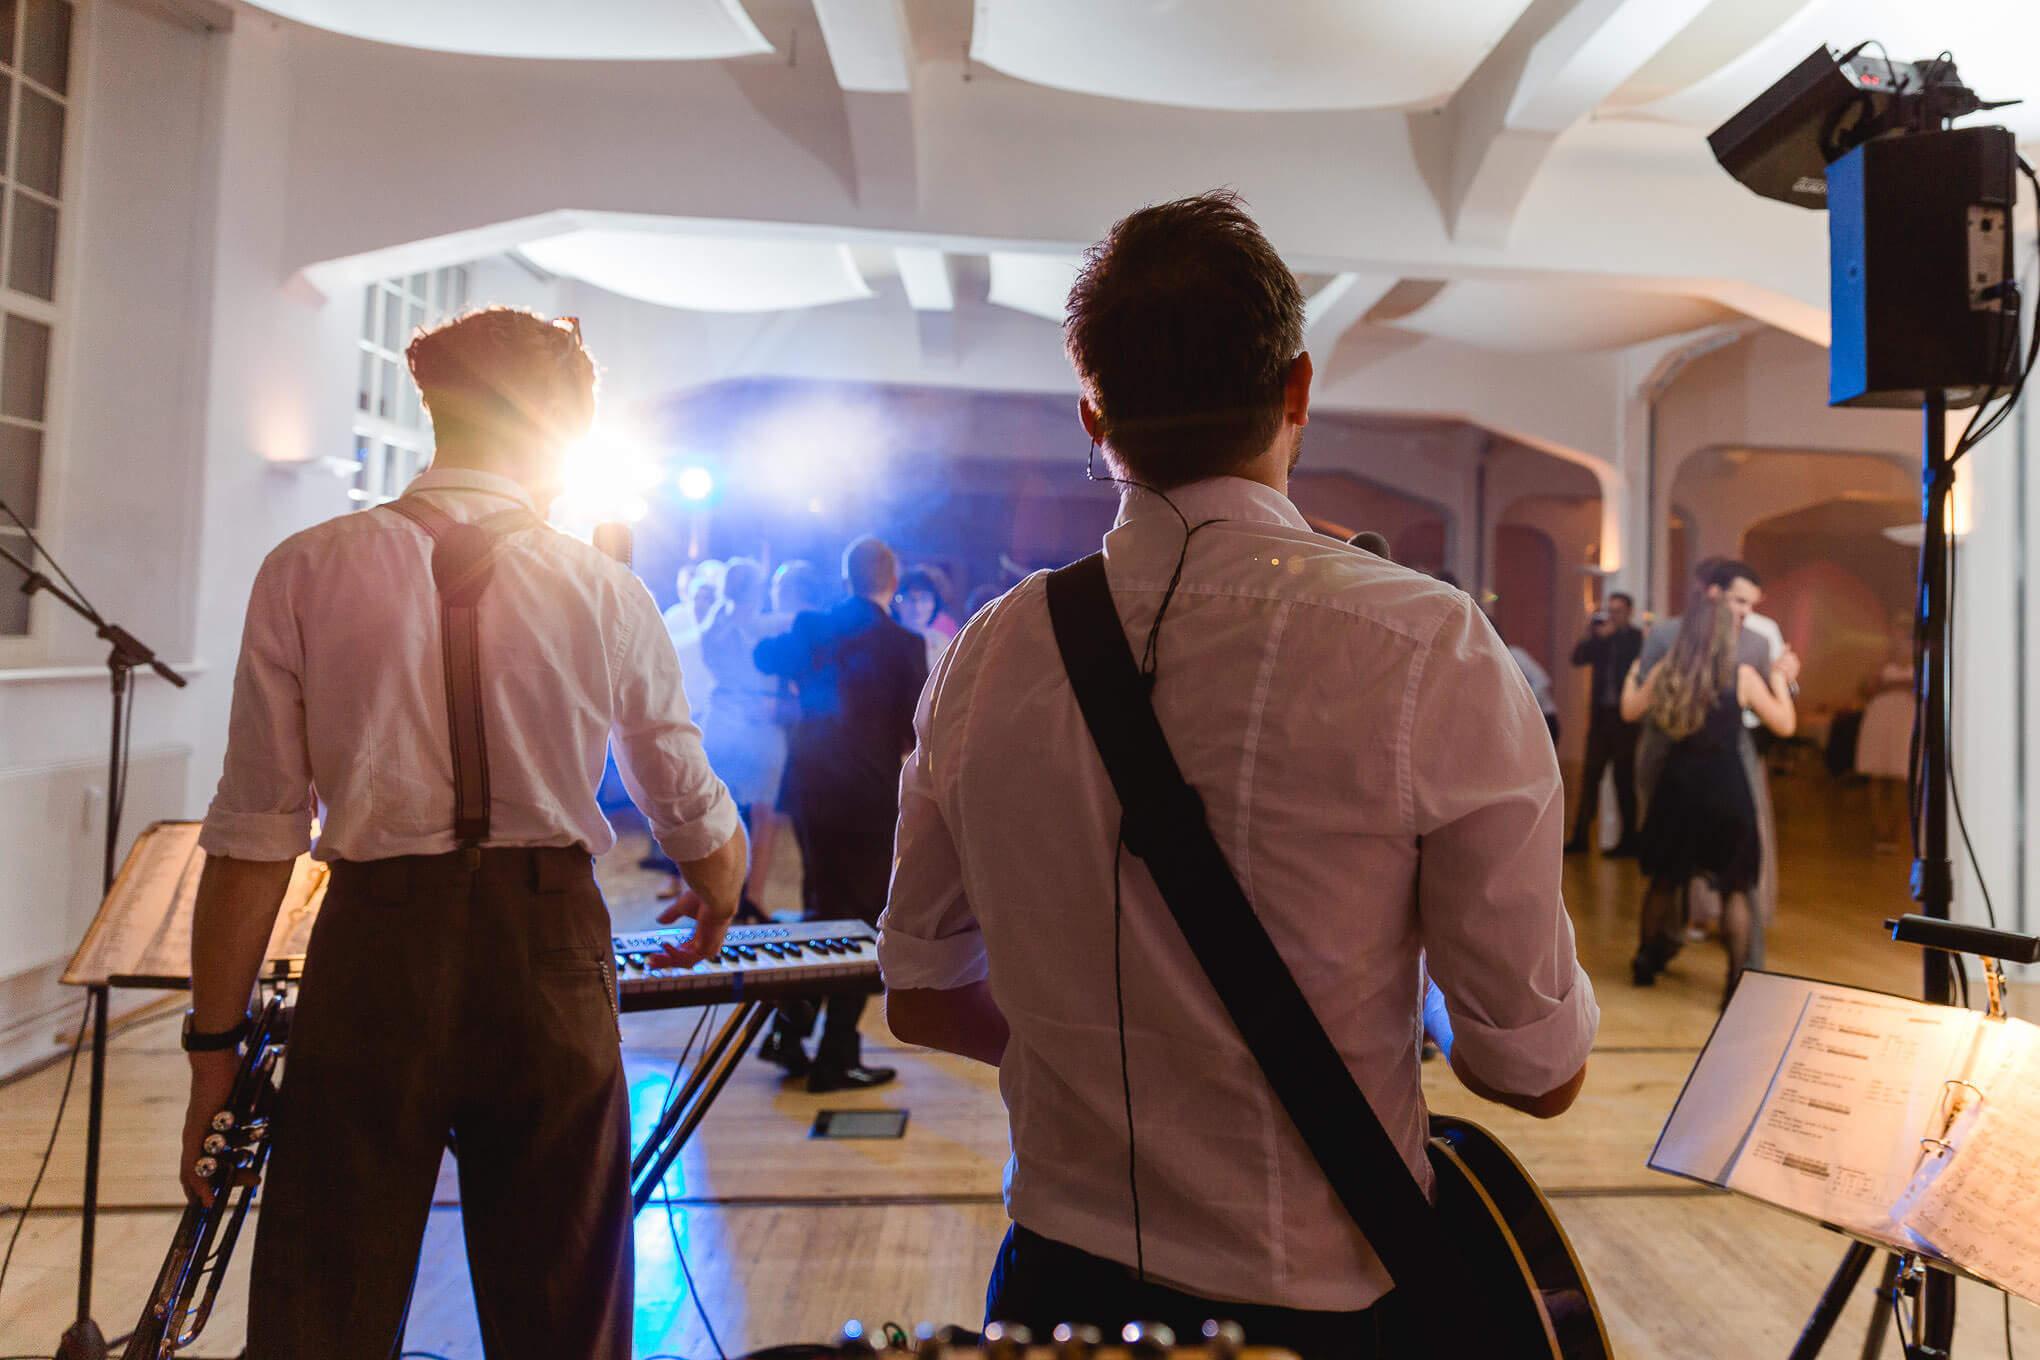 Hochzeitsfotos Party Dresden edler hochzeitsfotograf